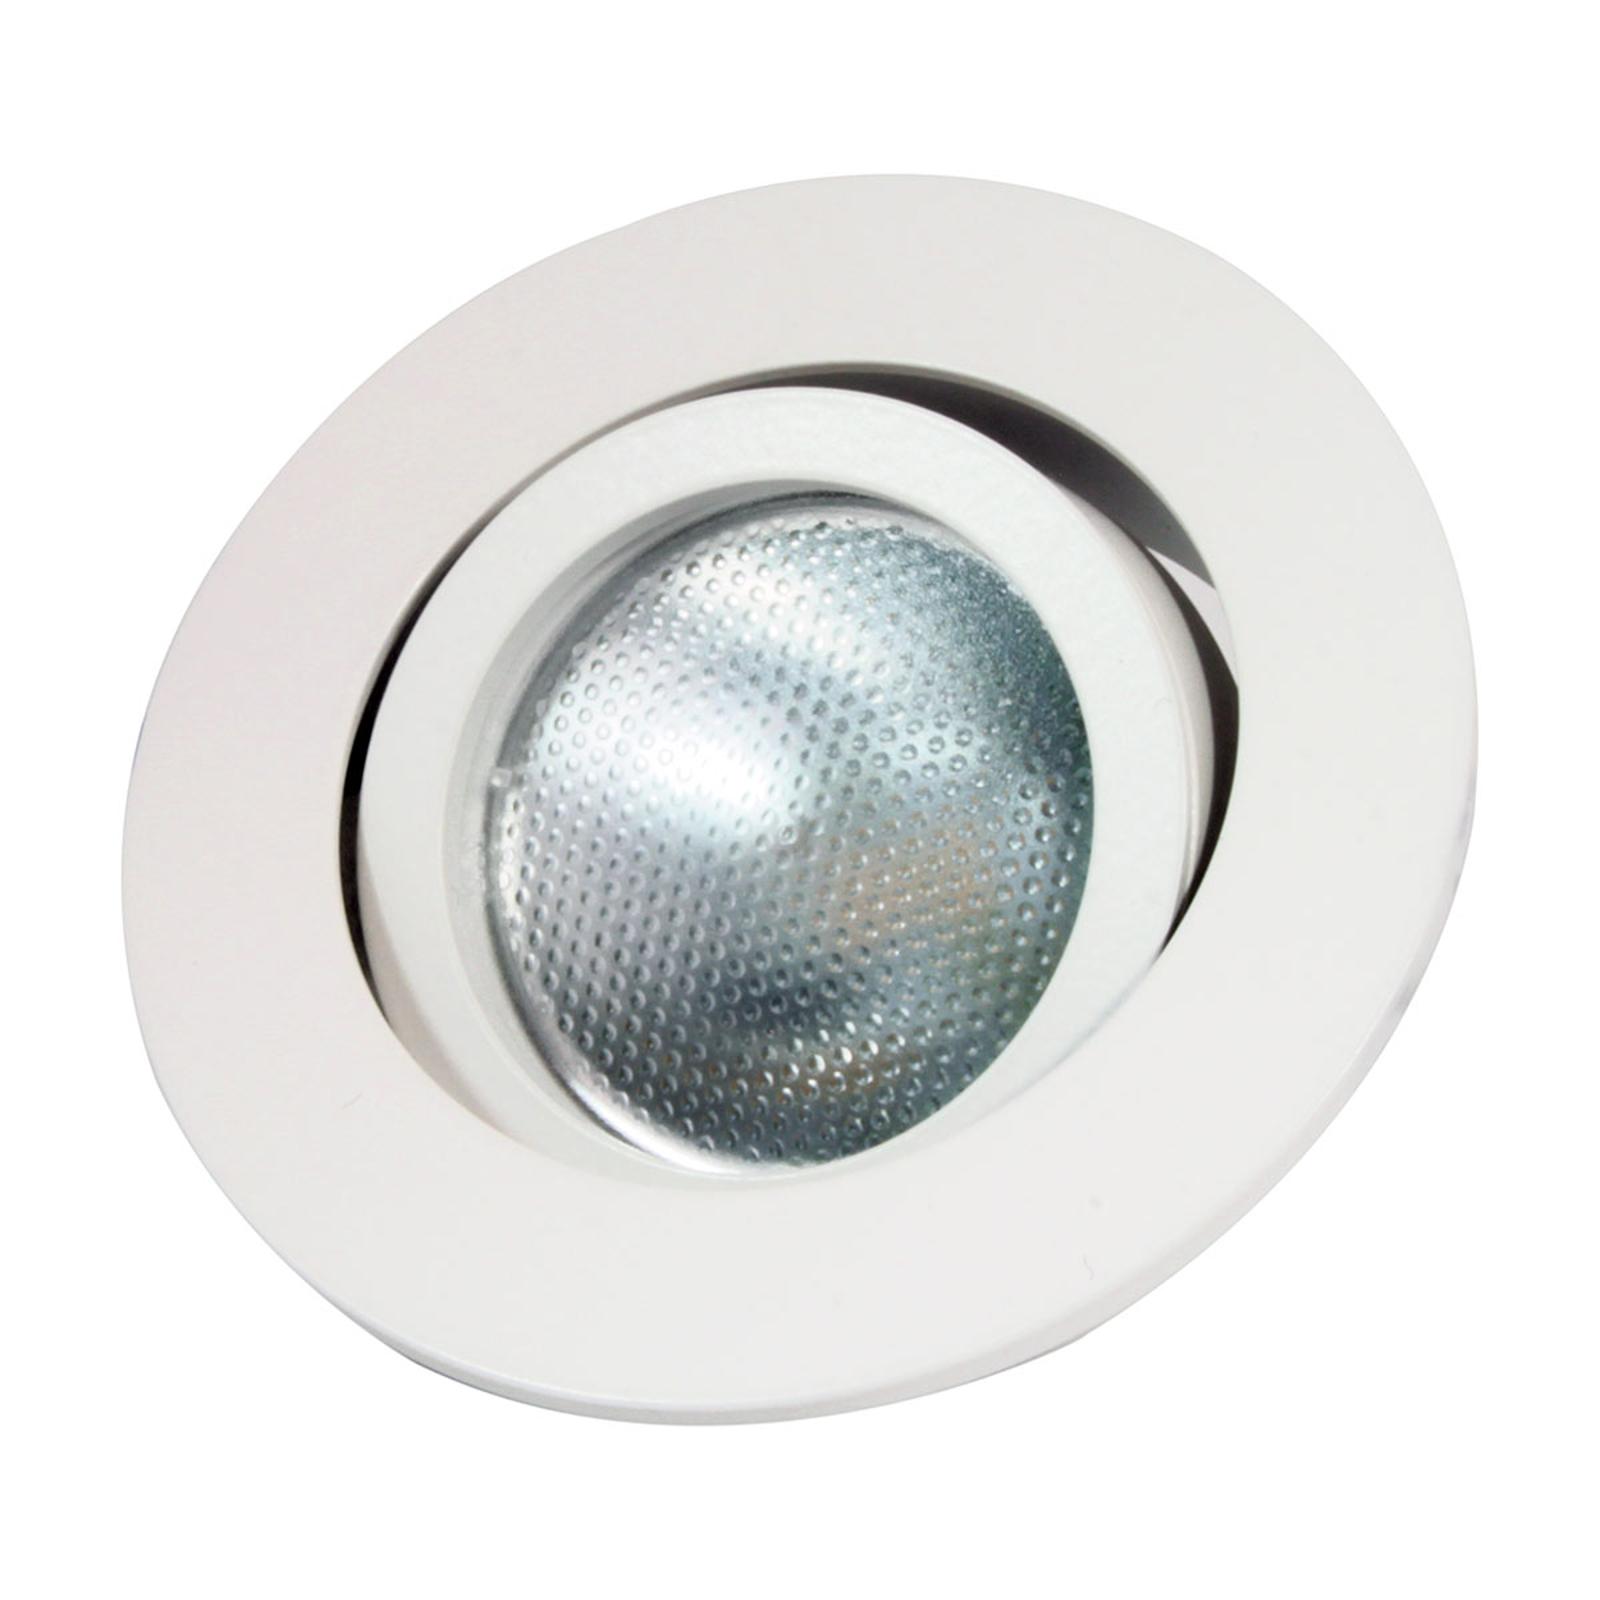 Acquista Anello LED Decoclic GU10/GU5.3, rotondo